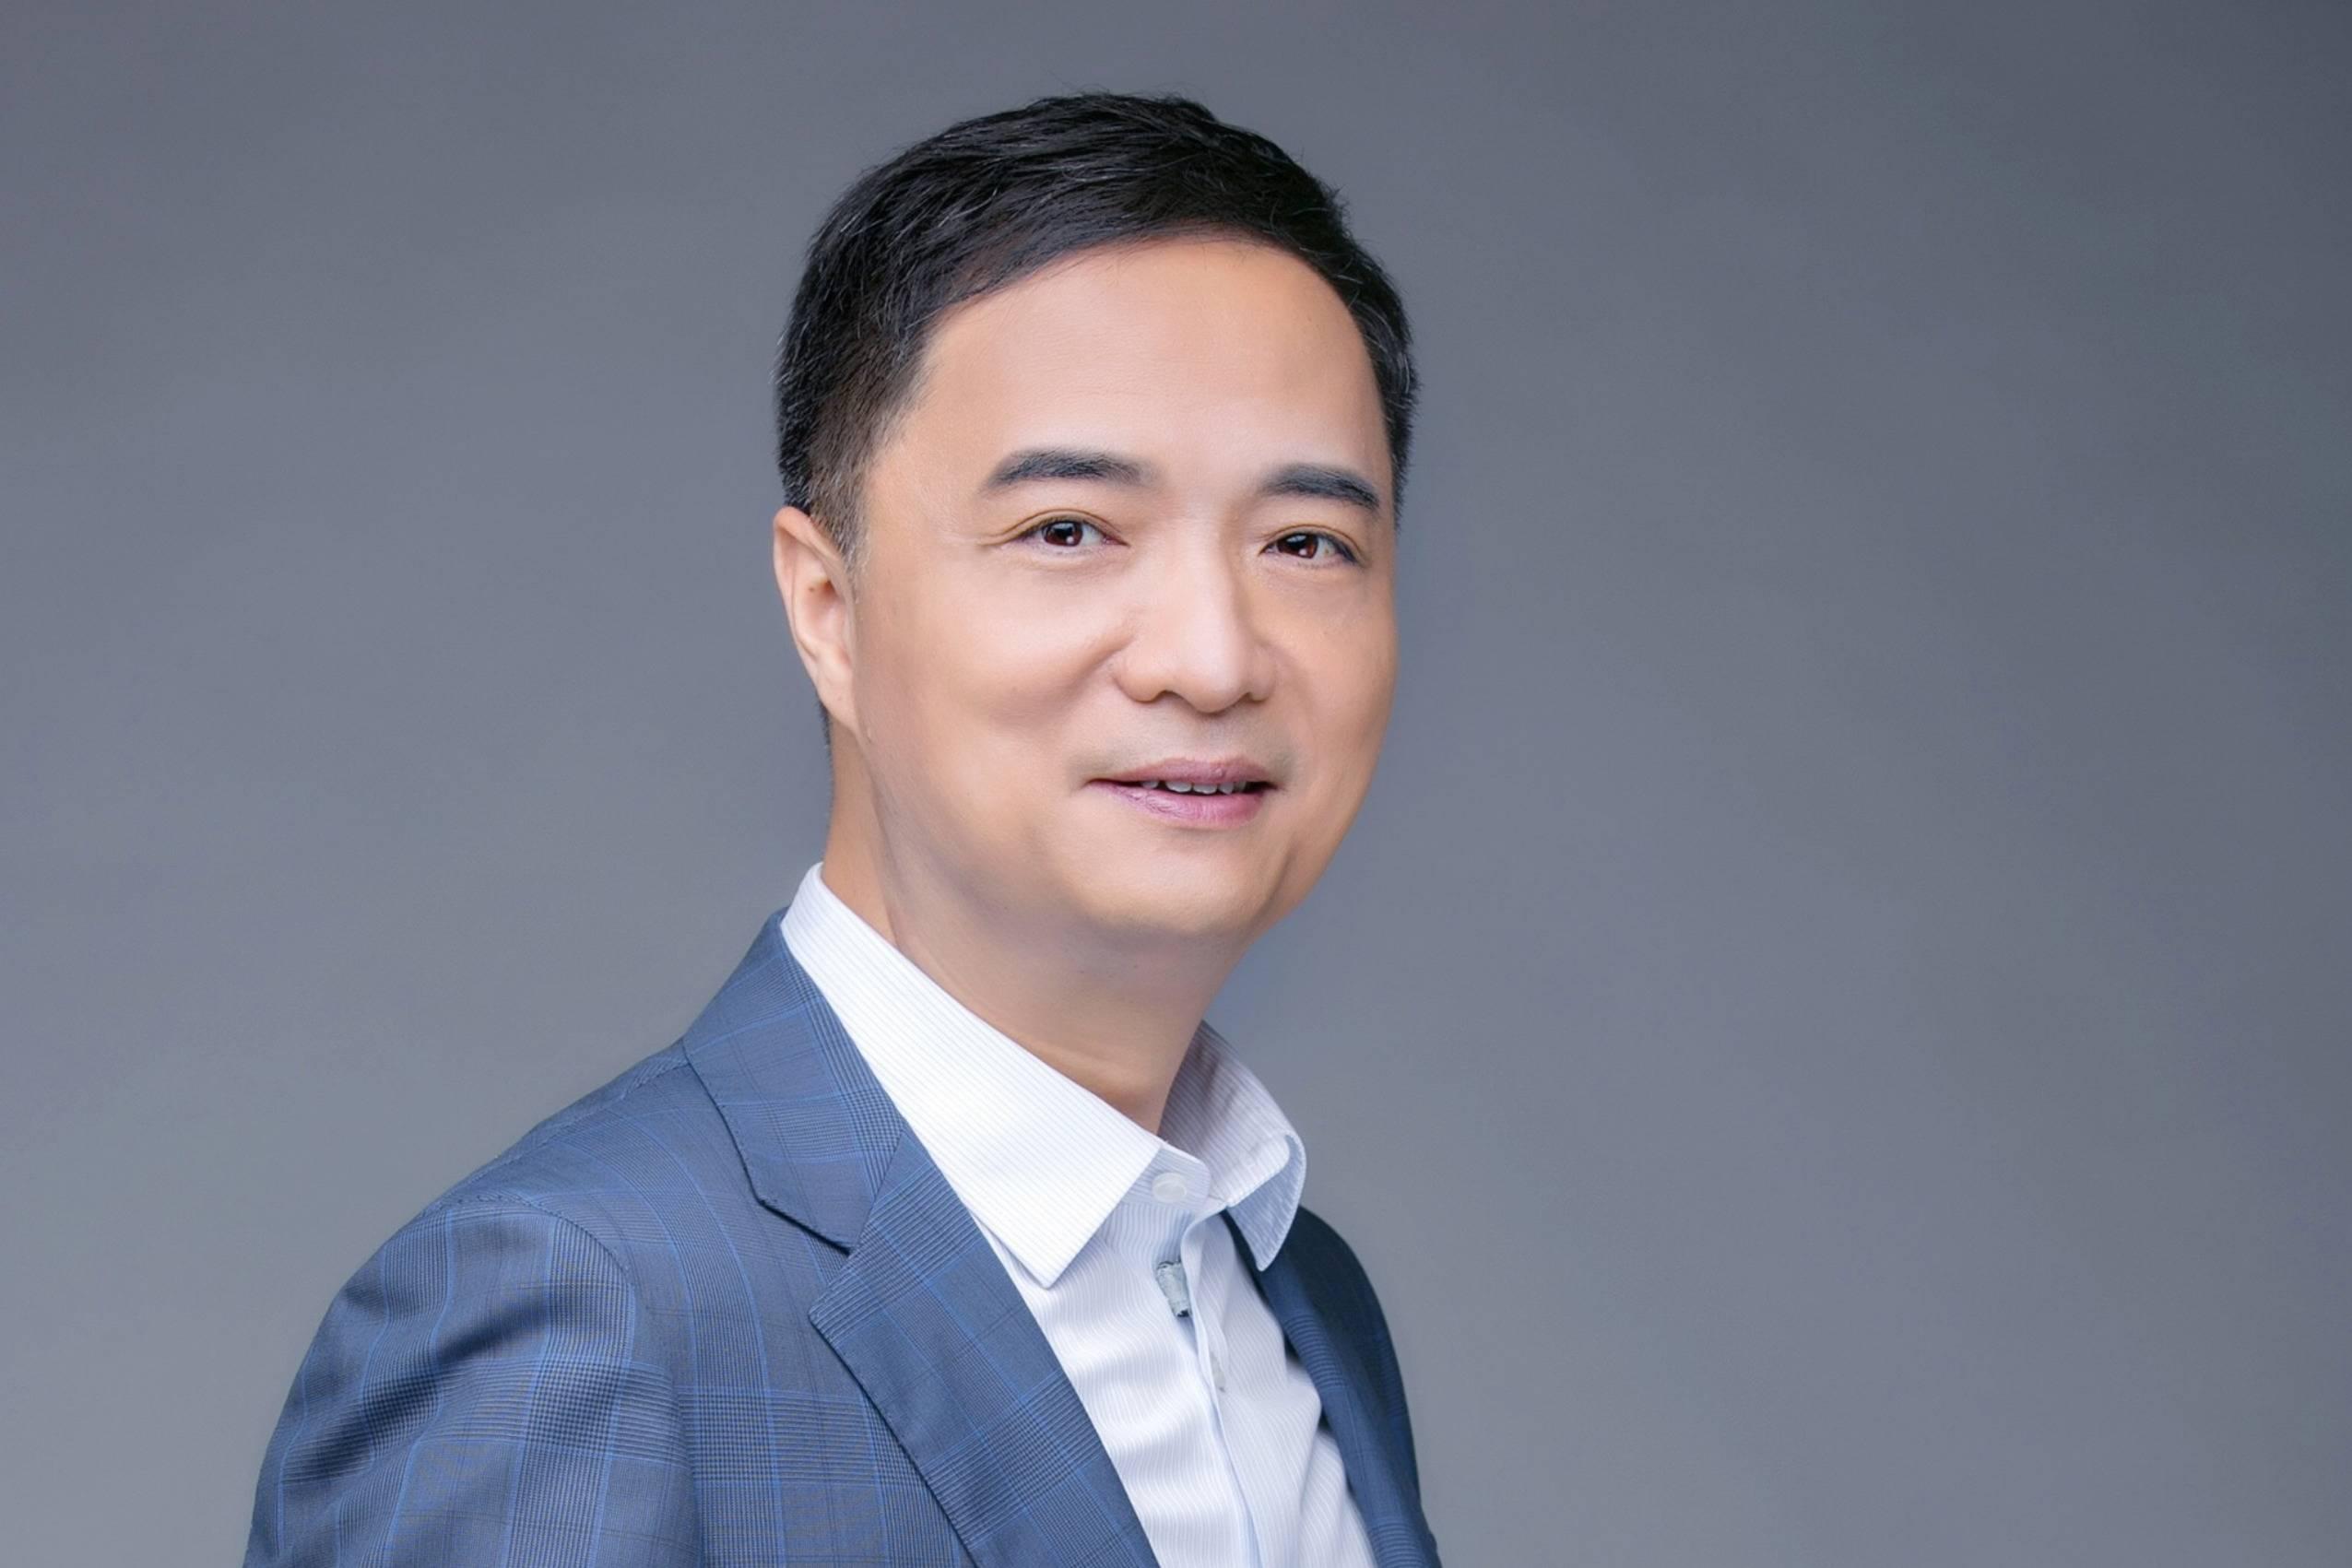 英诺掌舵者:李竹的速度与节奏丨2019投资人影像